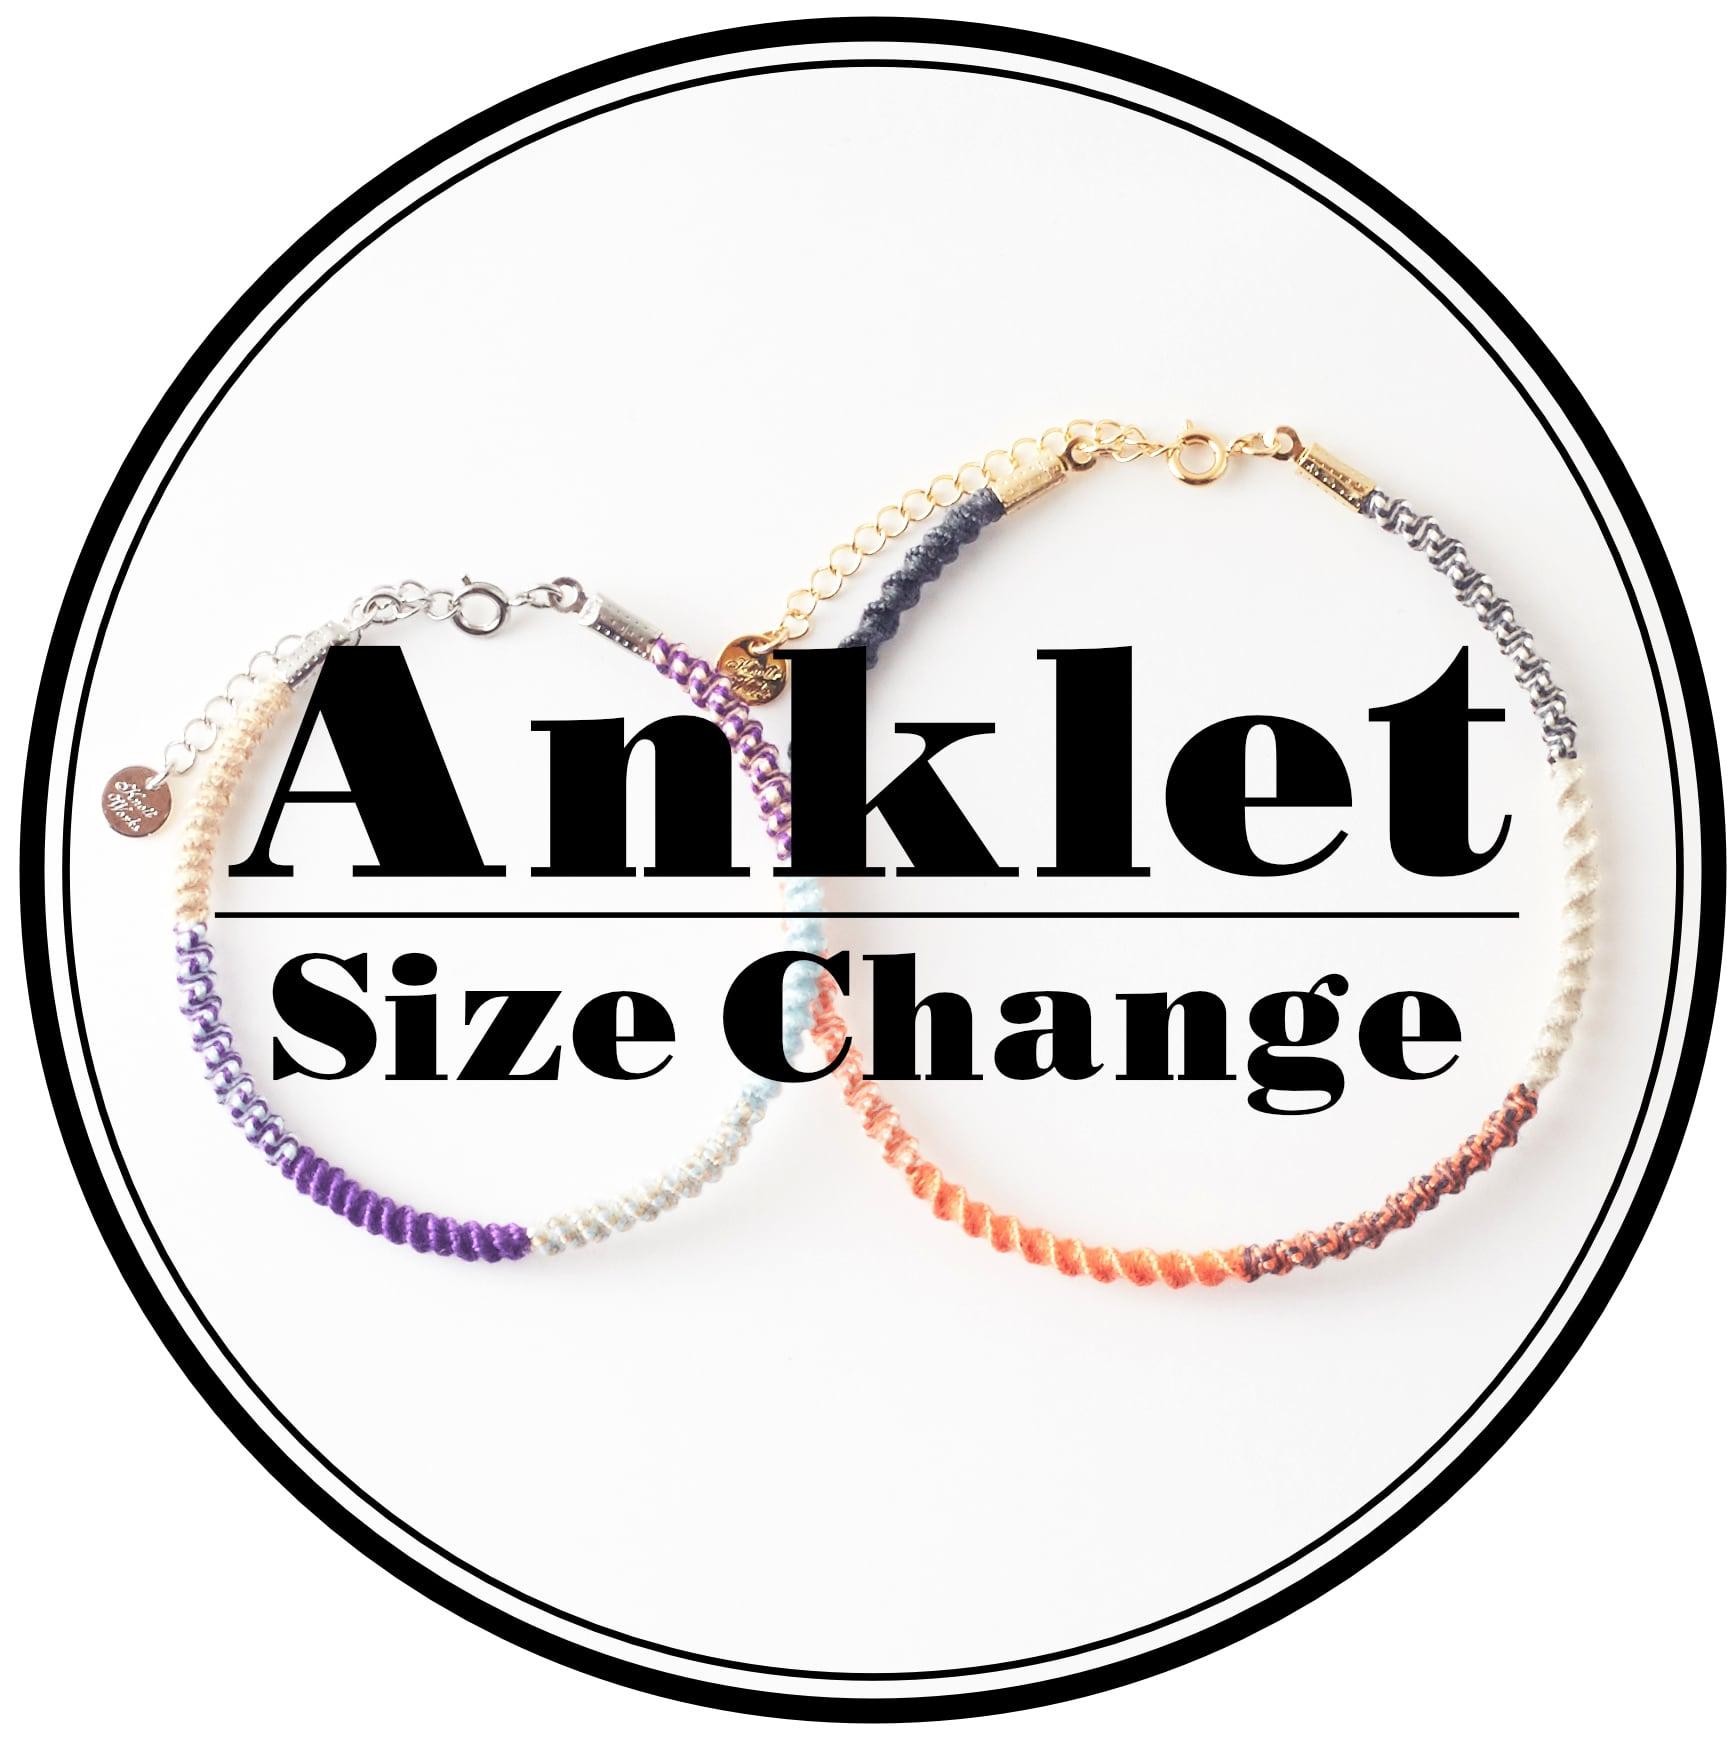 【アンクレットサイズへ変更】CUSTOMIZE_Change to Anklet Size